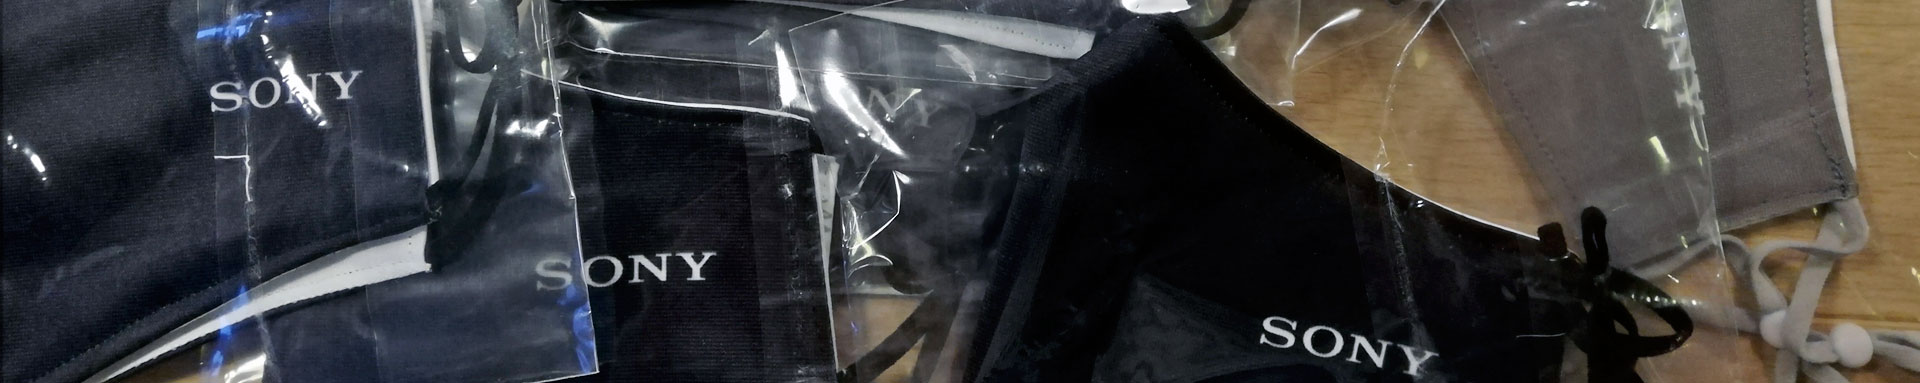 Maskenproduktion Mundschutz bedrucken lassen